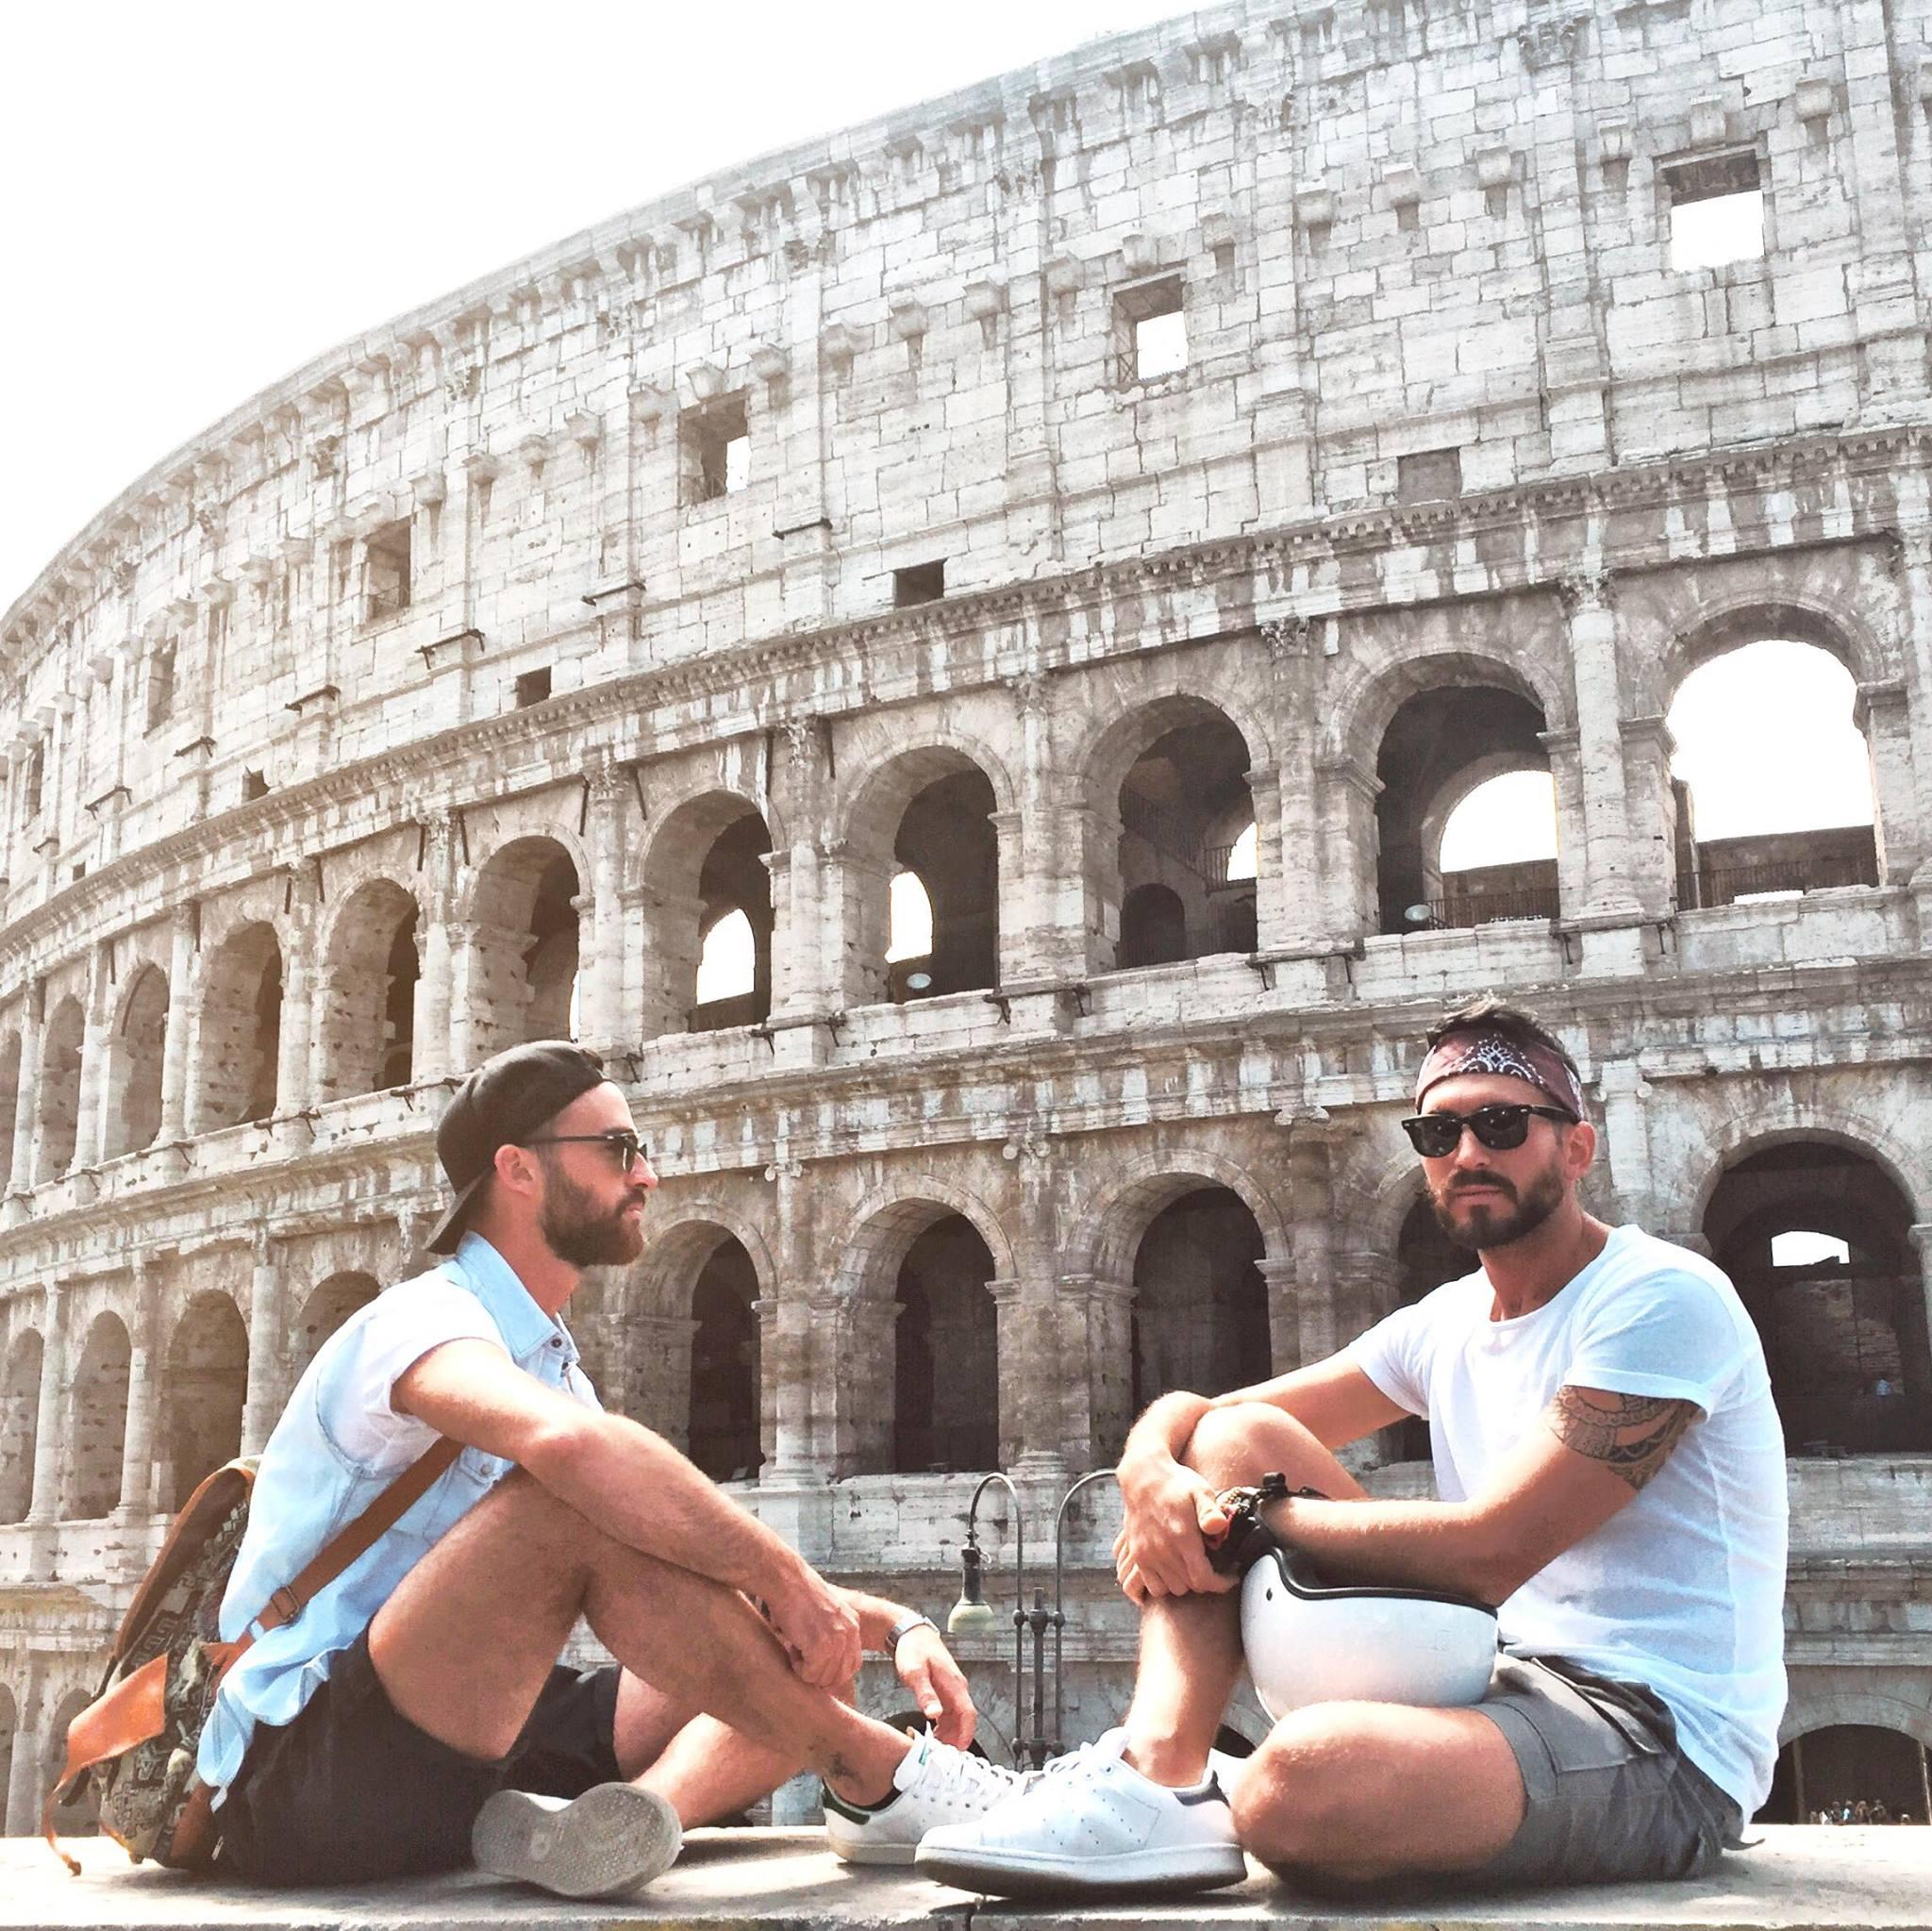 Hãy đi phượt như 2 hot boy người Ý để thấy Việt Nam của chúng mình đẹp như thế nào! - Ảnh 1.